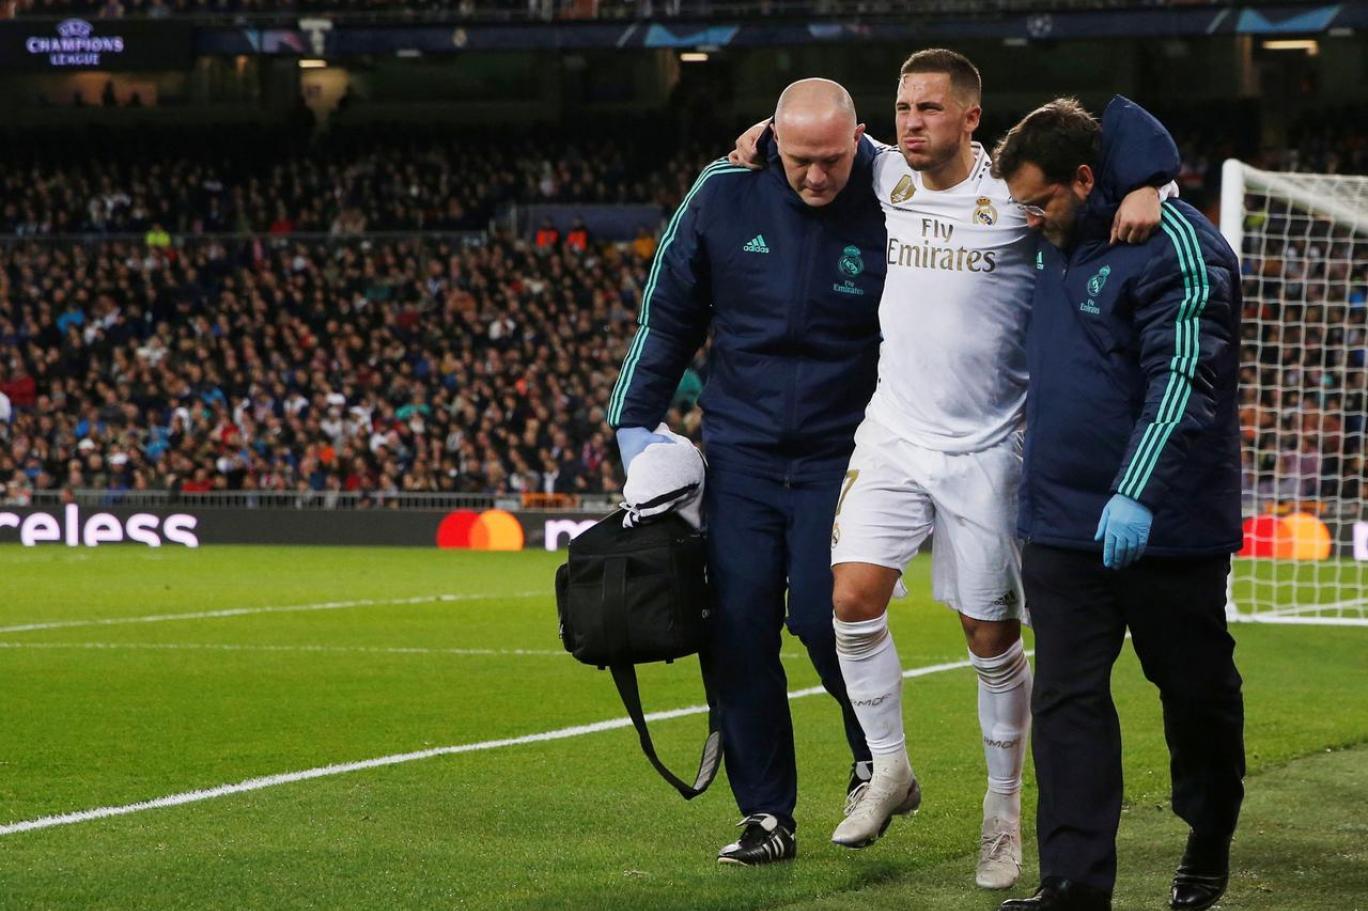 نجم ريال مدريد يخضع لعملية جراحية الخميس المقبل